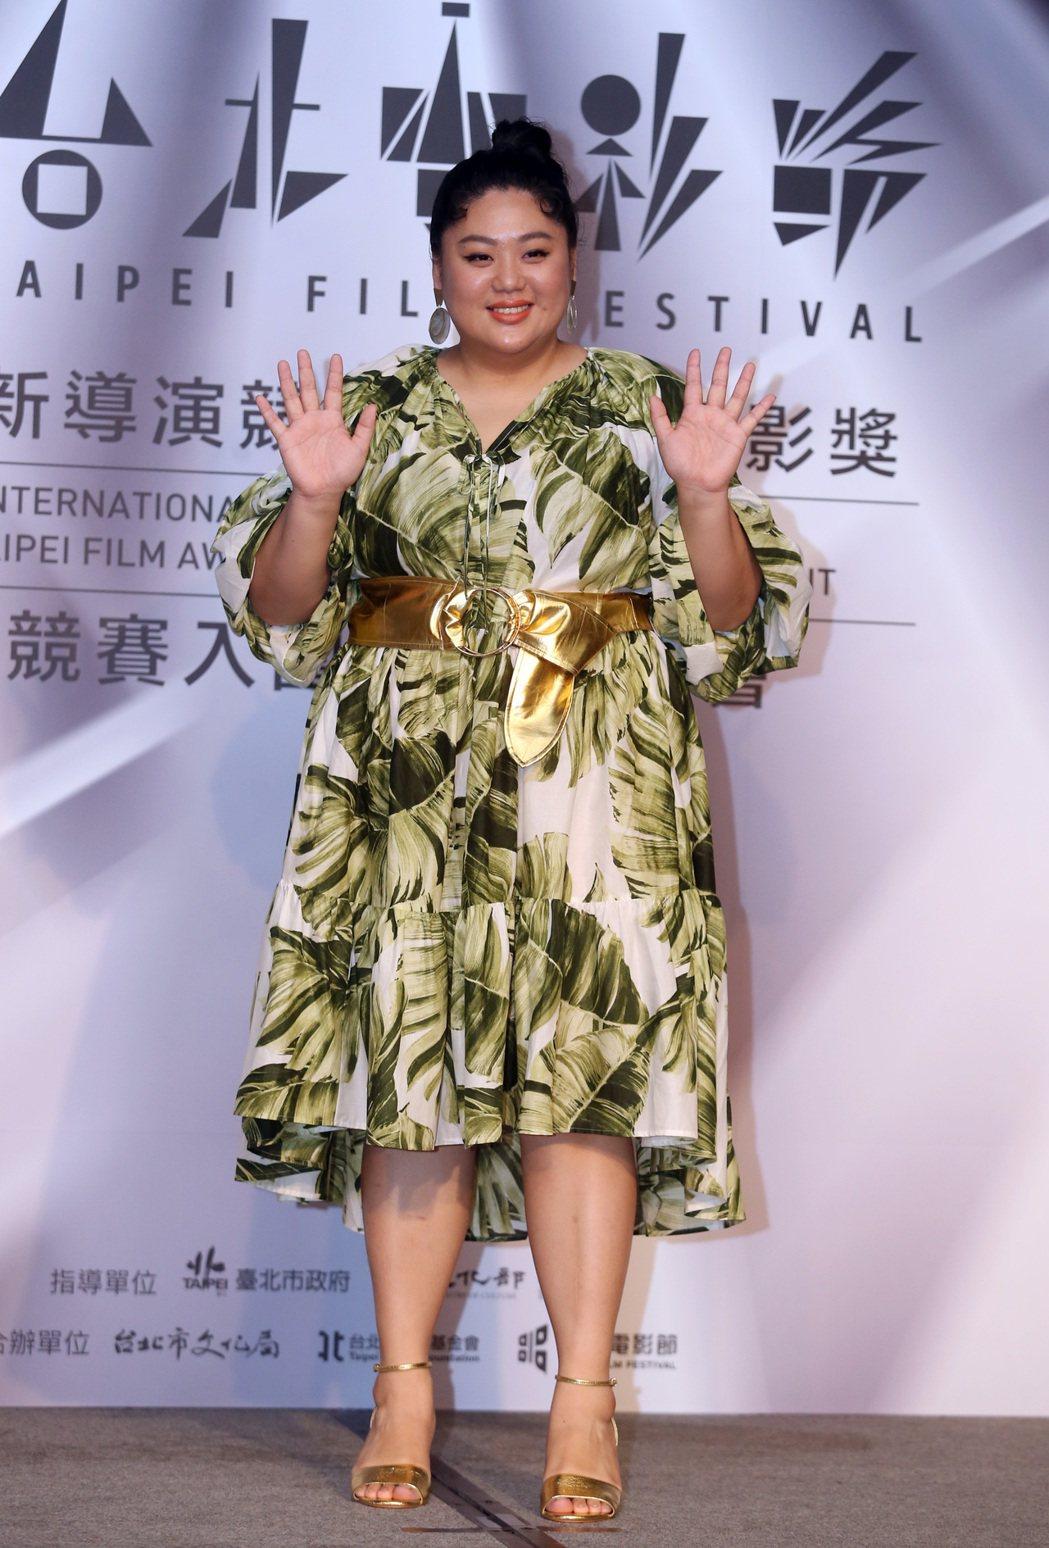 台北電影獎舉行入圍名單記者會,蔡嘉茵。記者曾吉松/攝影 曾吉松